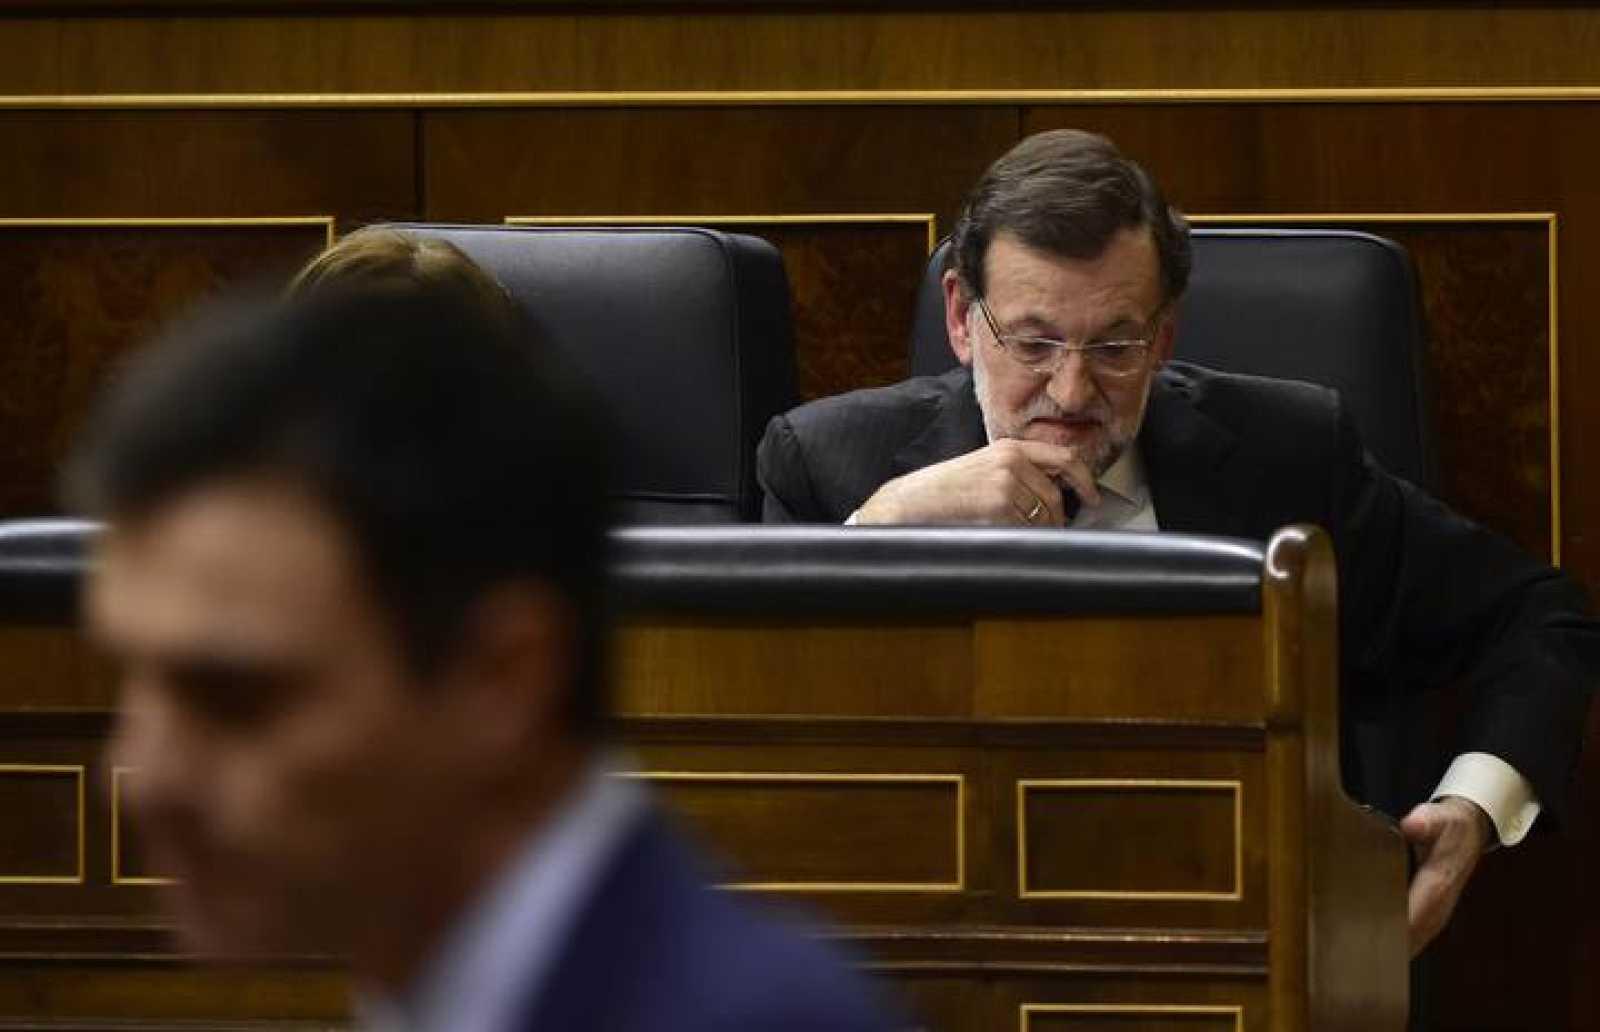 Sánchez ganó el debate del estado de la nación a Rajoy por siete décimas según el CIS